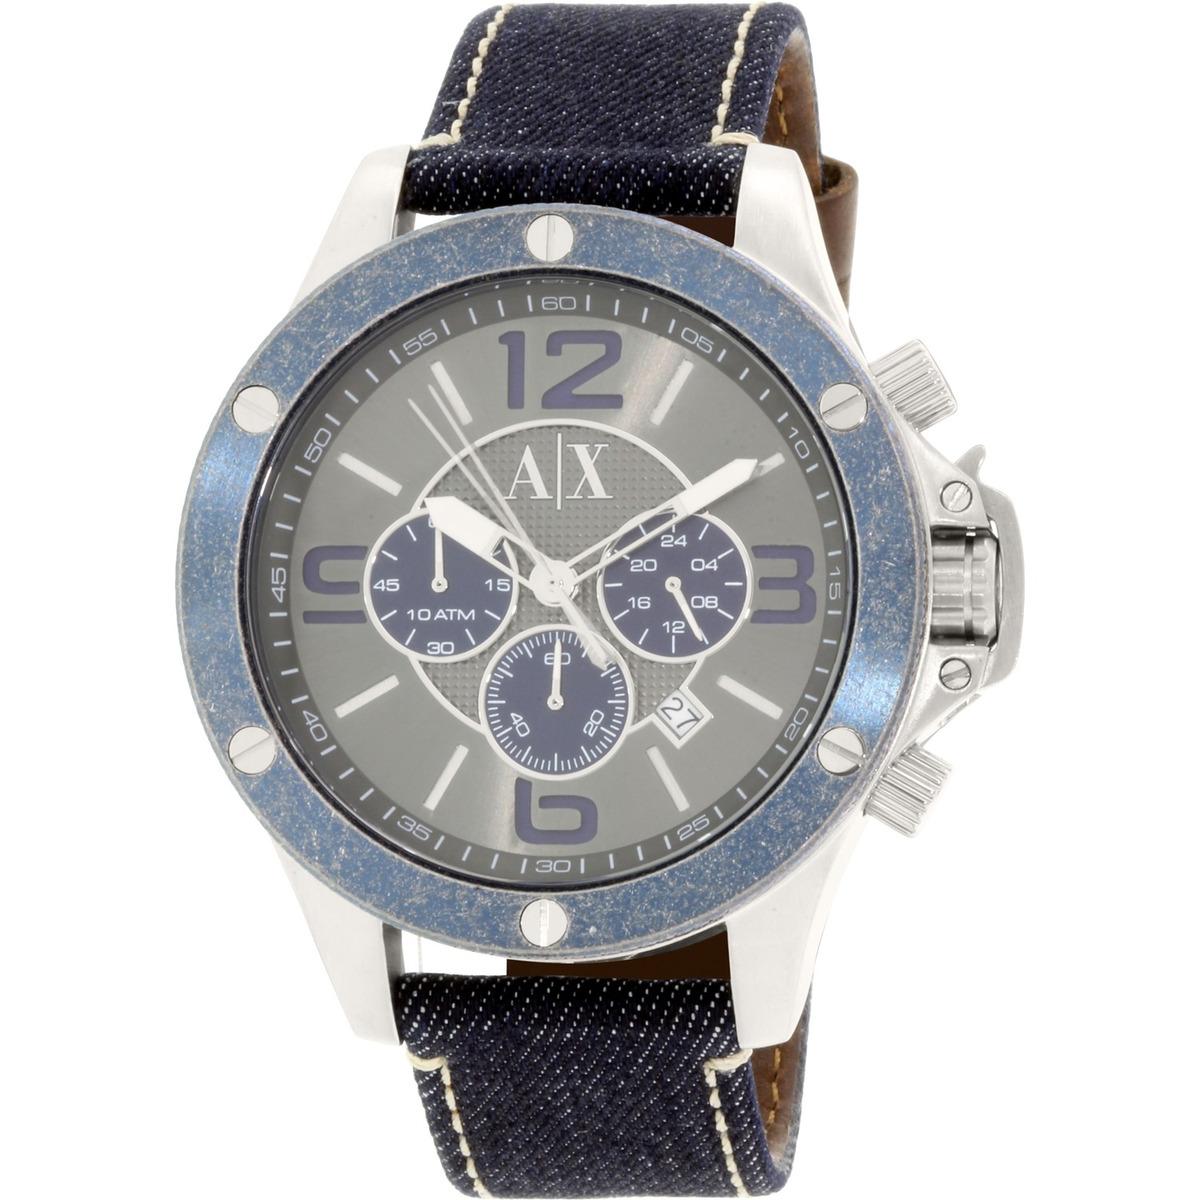 c3d30b398b9d Reloj Armani Exchange Para Hombres Ax1517 Correa De Cuero ...